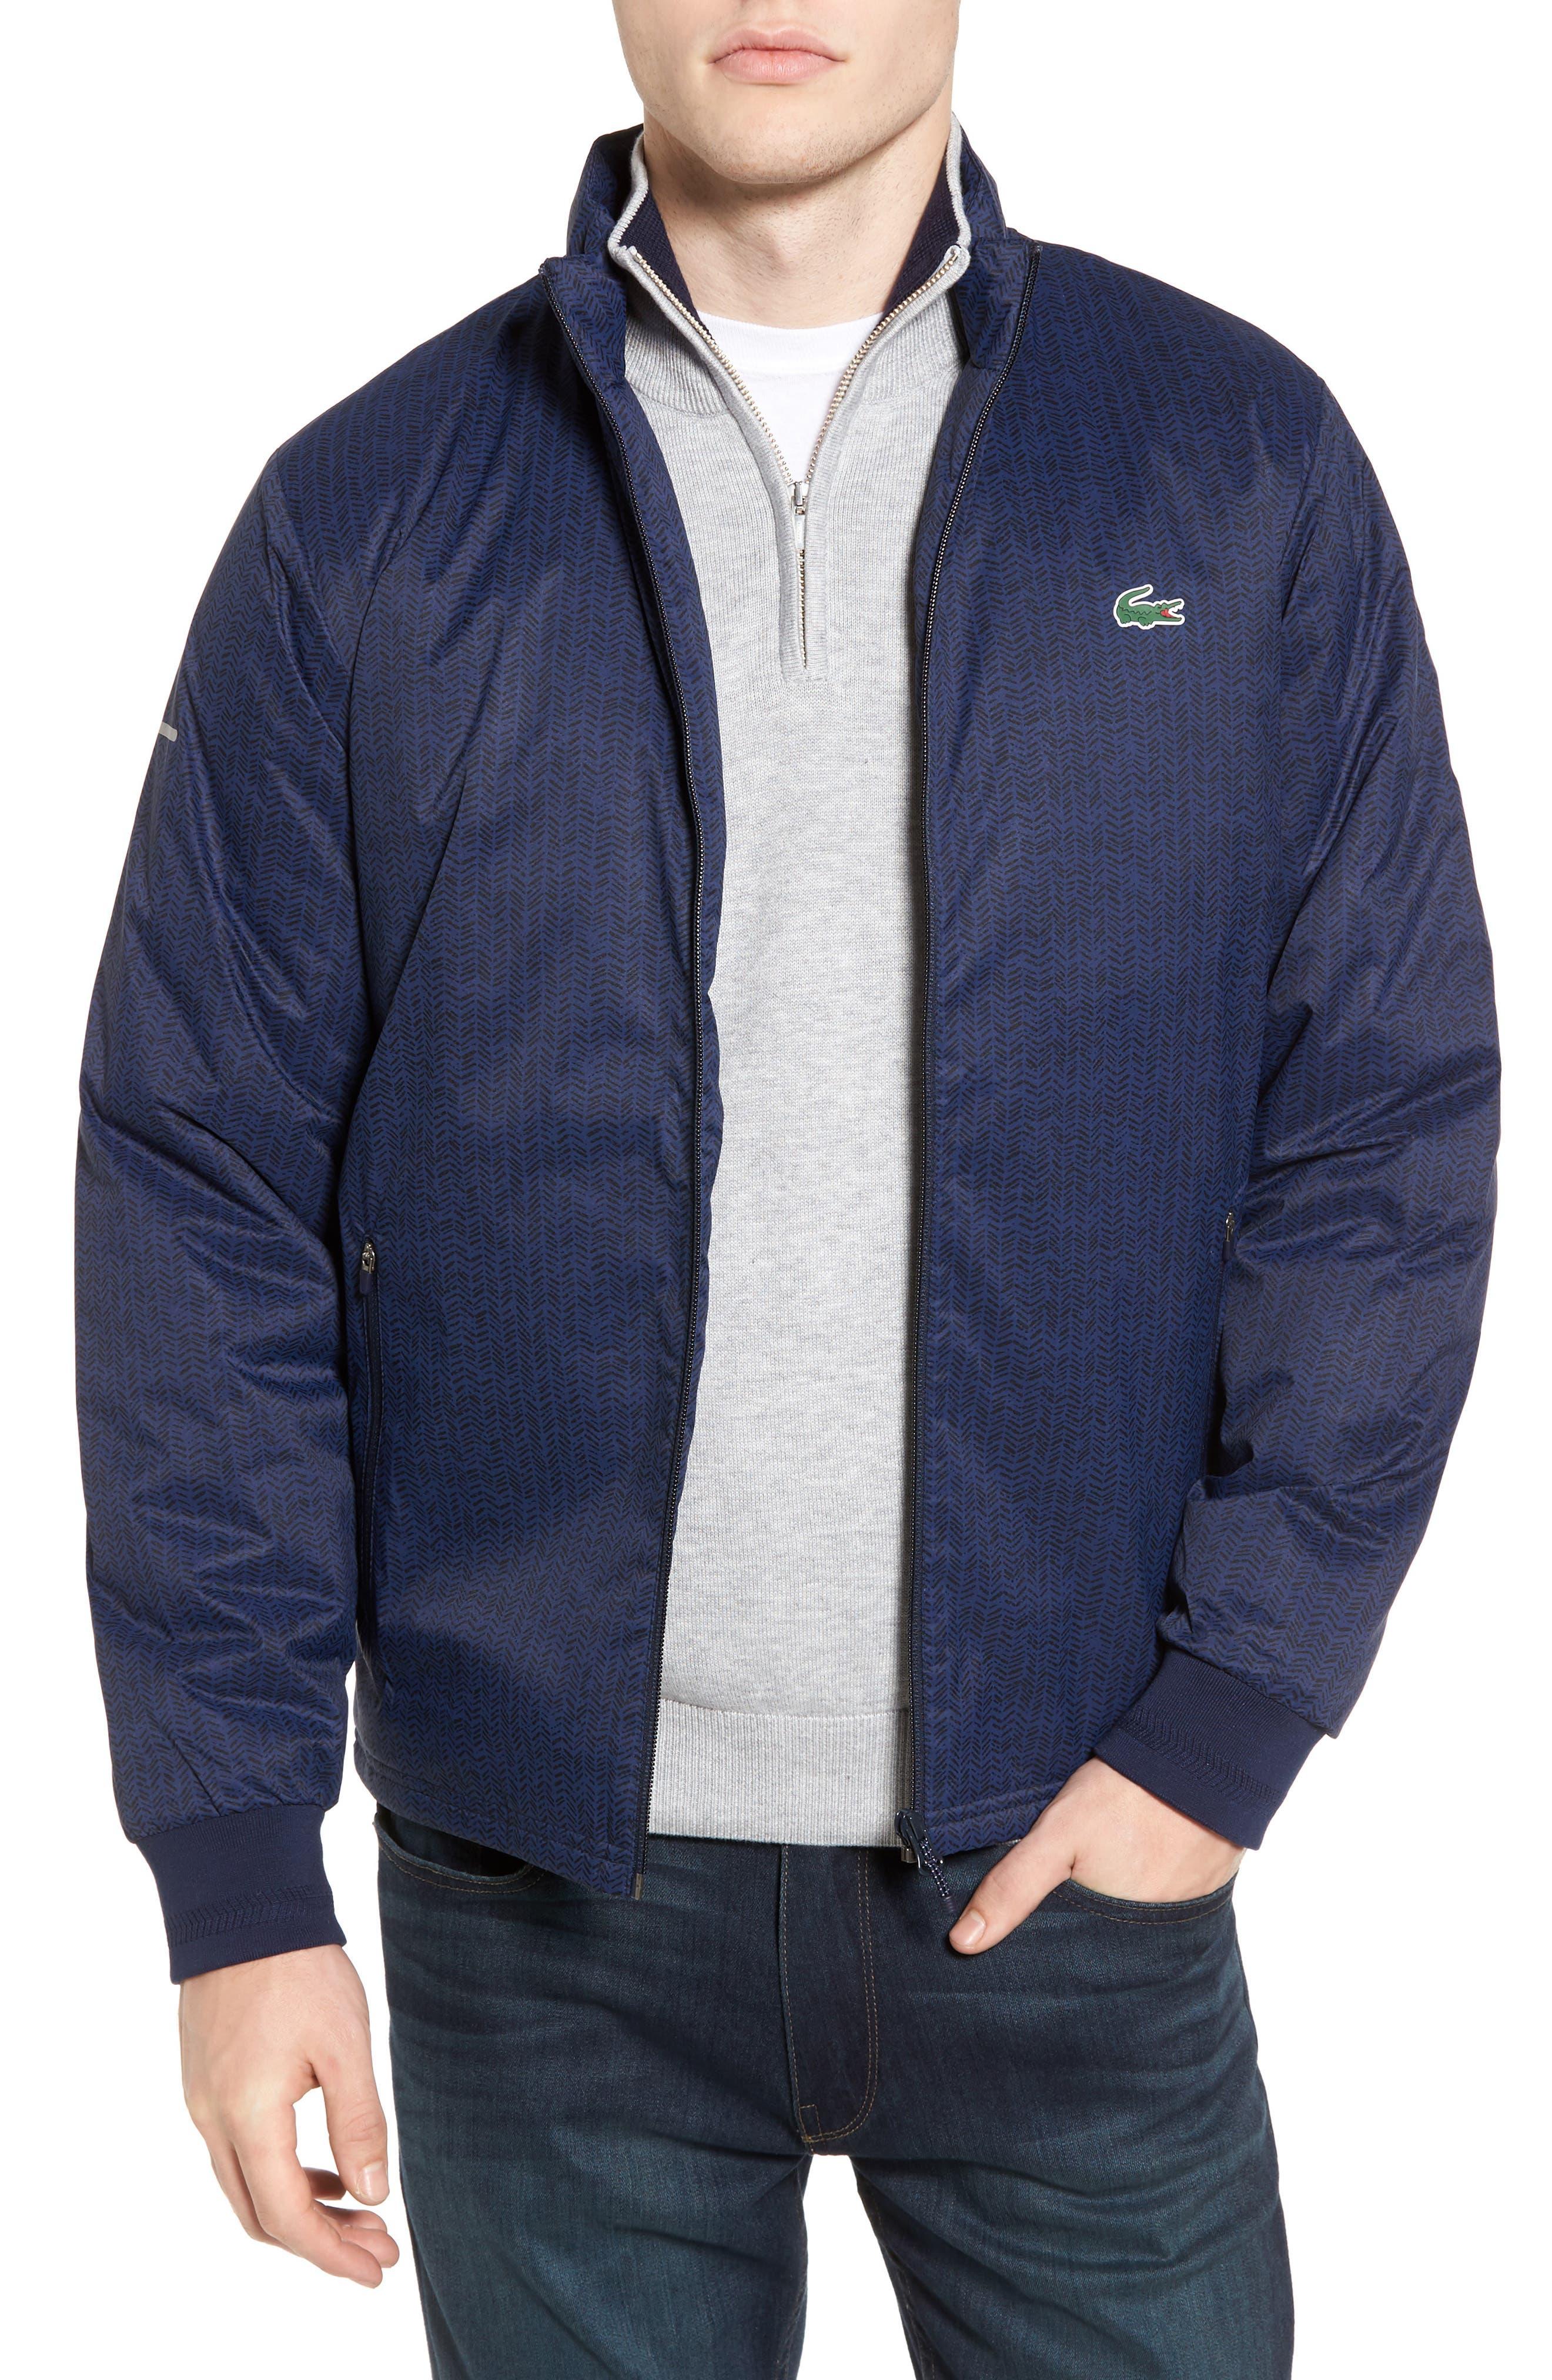 Alternate Image 1 Selected - Lacoste Herringbone Zip-Up Jacket